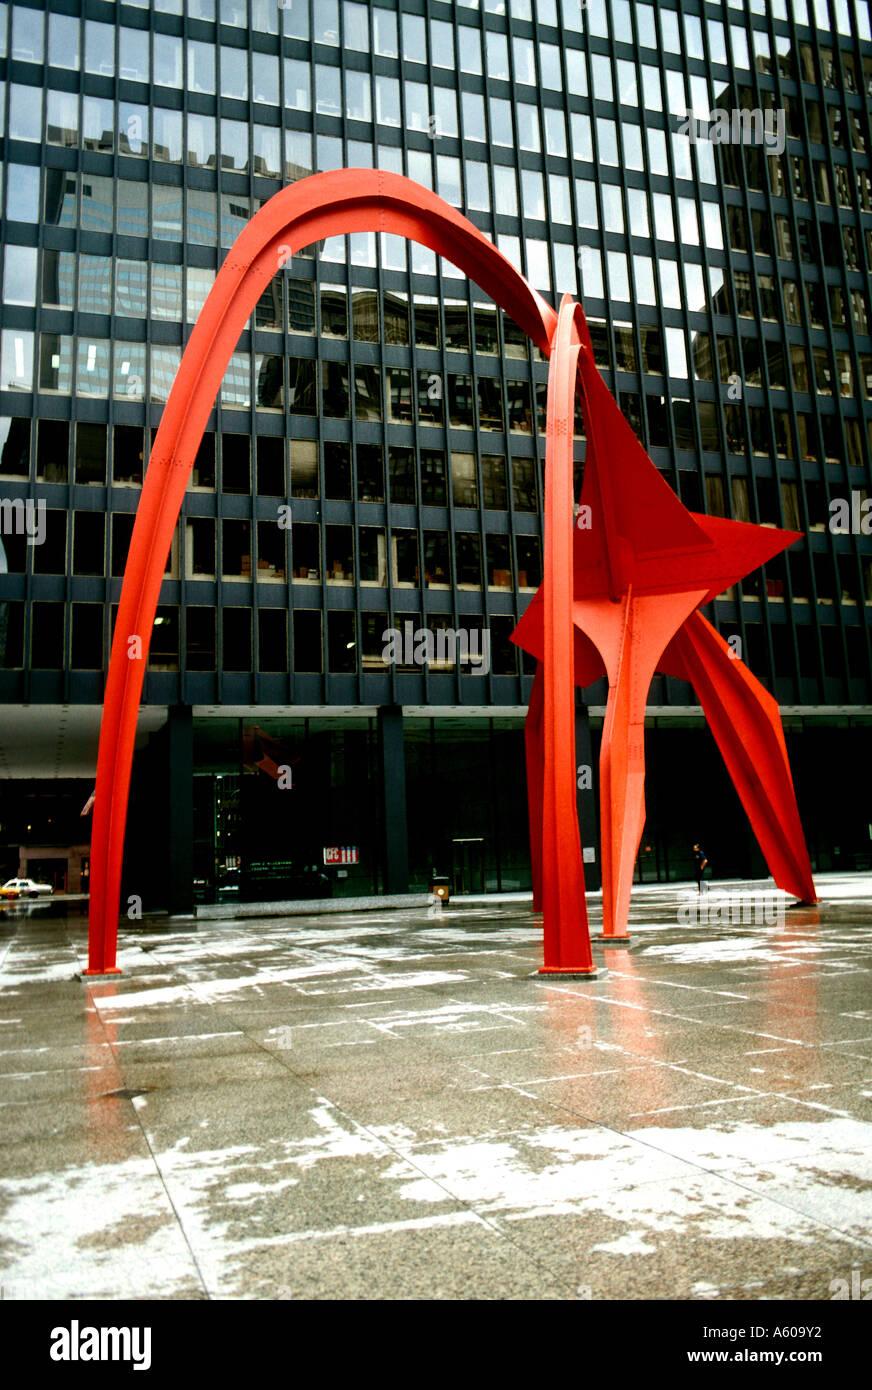 Illinois Chicago Sculpture Calder Flamingo - Stock Image